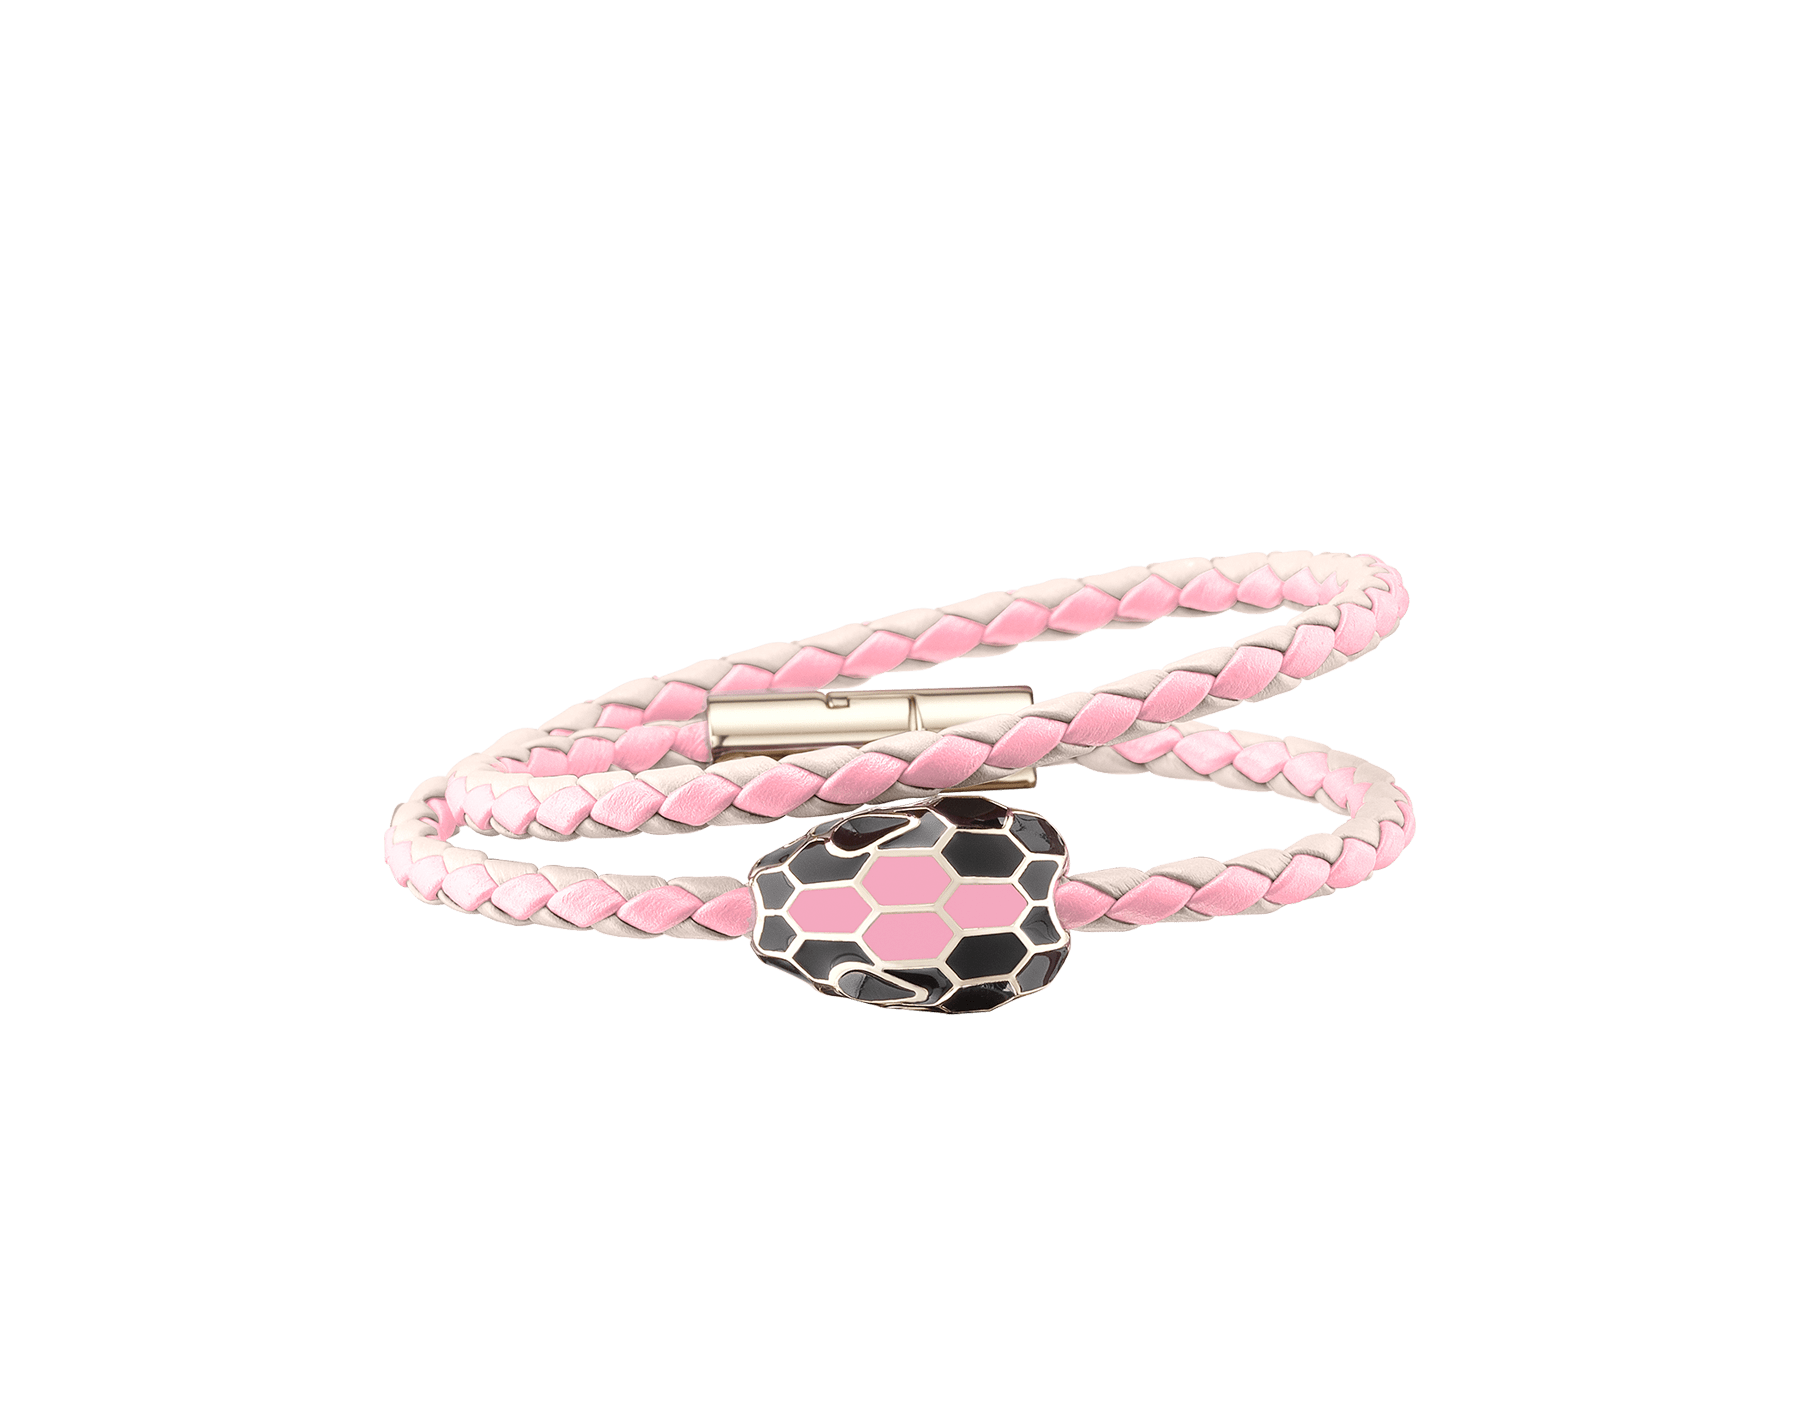 Pulseira trançada de várias voltas Serpenti Forever em couro de novilho entrelaçado opala-leitosa e quartzo-flamingo com icônica decoração de cabeça de serpente em esmalte preto e opala-leitosa. 288347 image 1